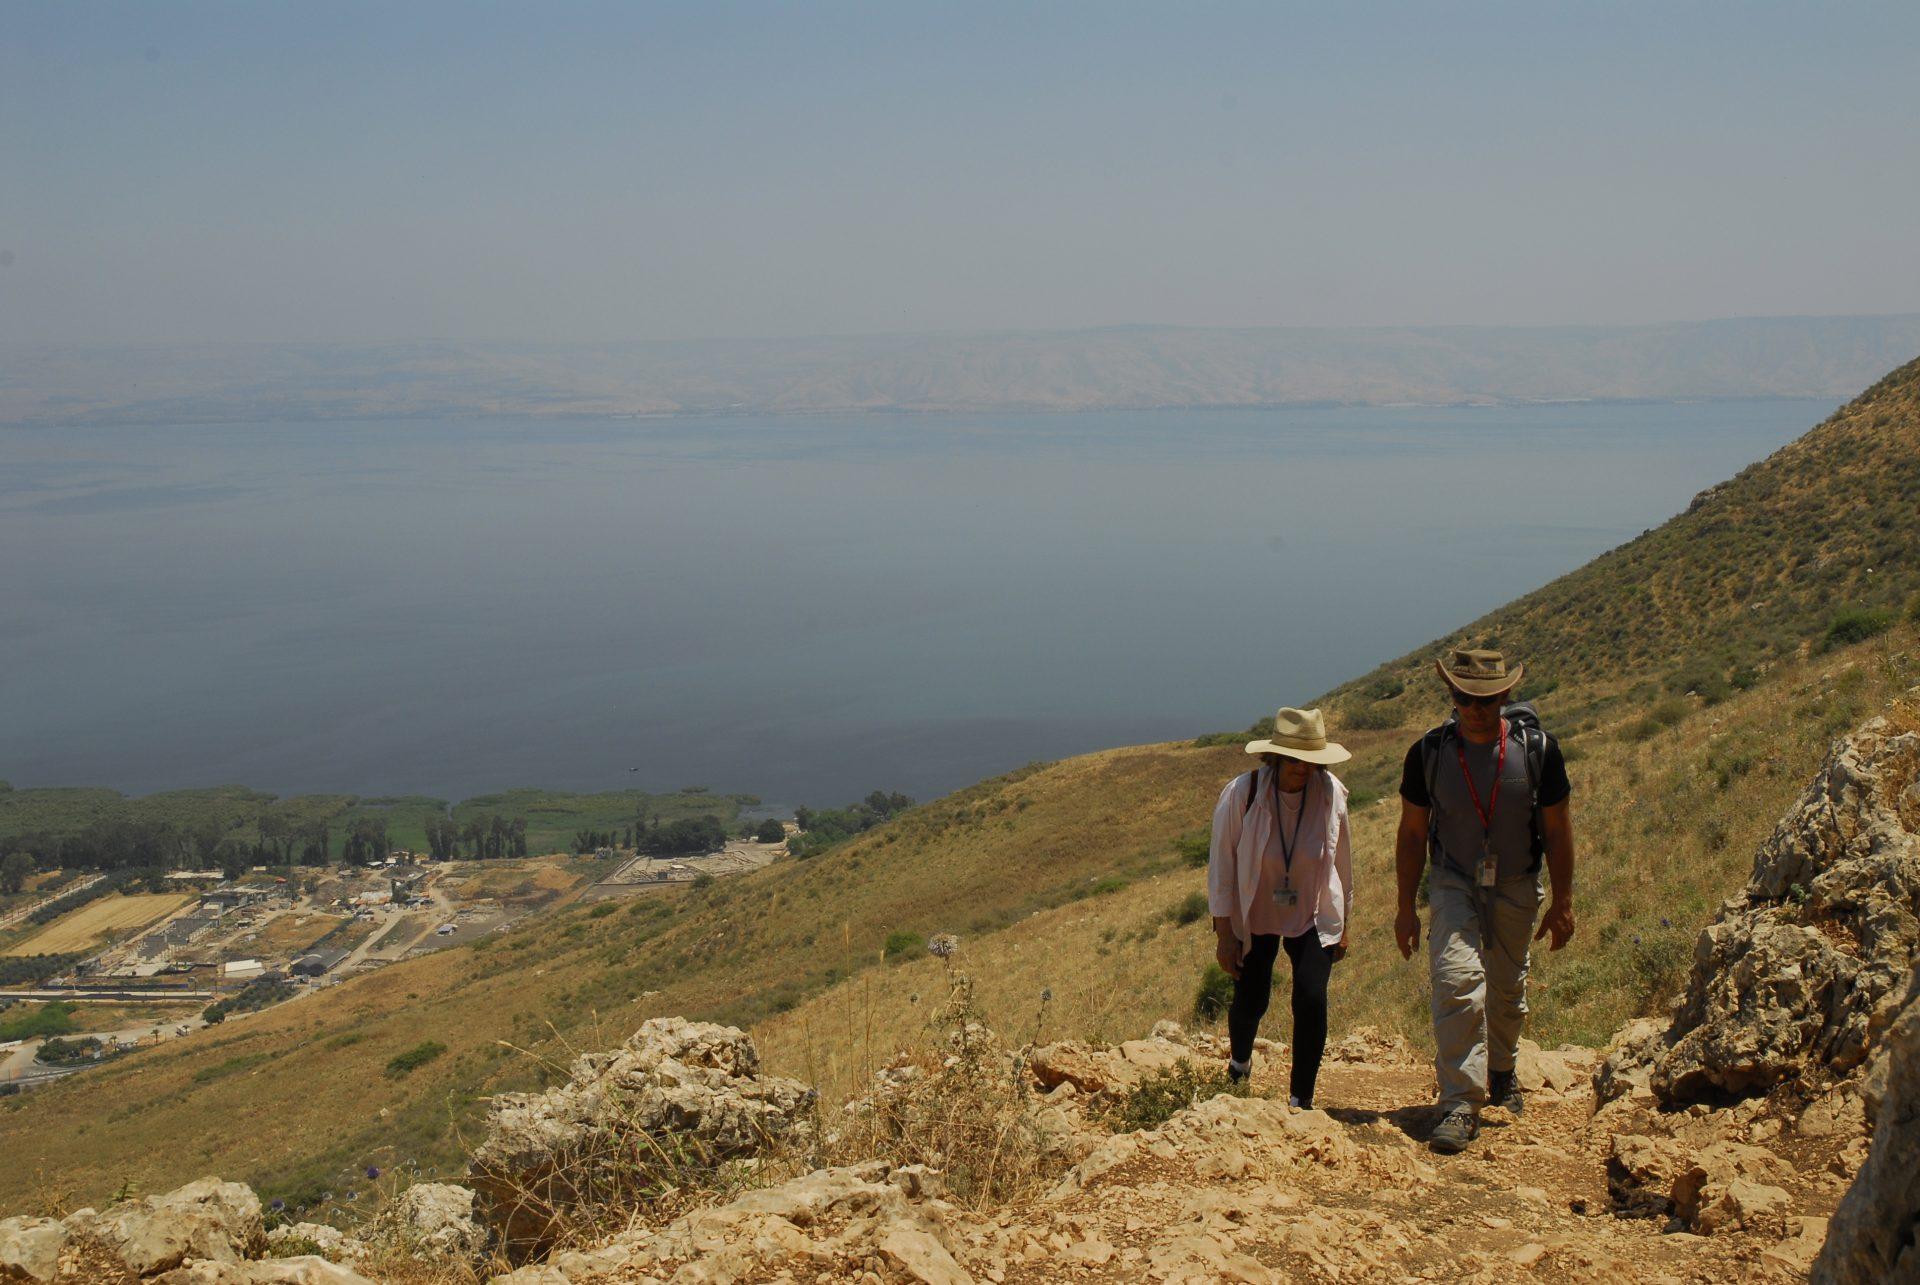 Israel - Galilée - Depuis les hauteurs du mont Arbel, la vue sur le lac de Tibériade est unique, mais il faut un peu grimper pour les atteindre.